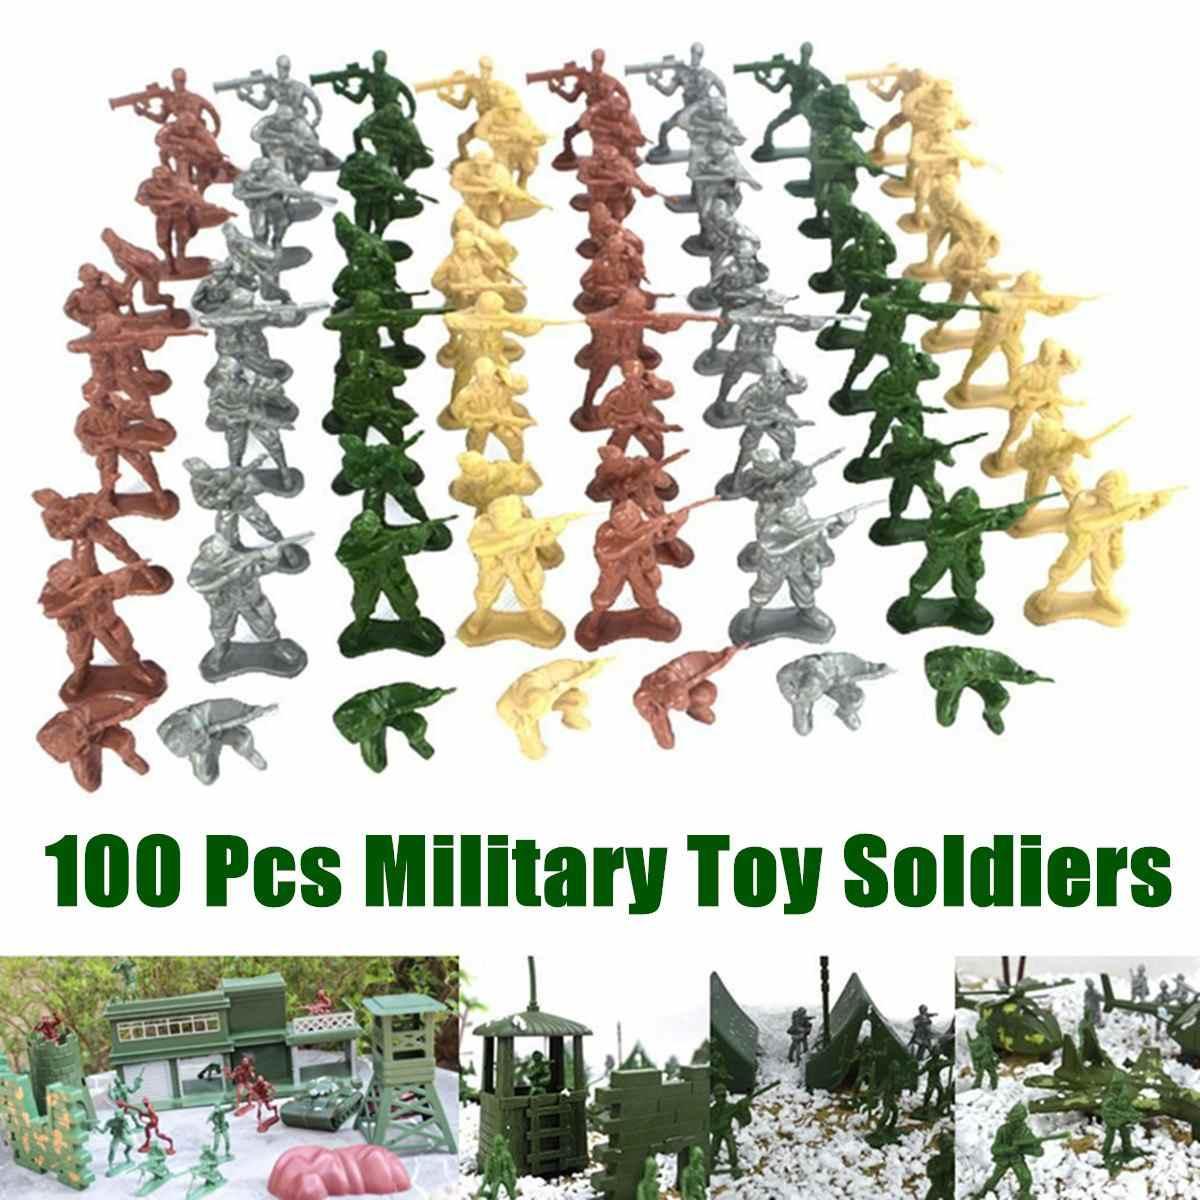 100 шт./компл. Пластик Военная игрушка модель игрушки комплект армии Для мужчин Фигурки игрушки Фигурки аксессуары Подарки для детей 4 цвета